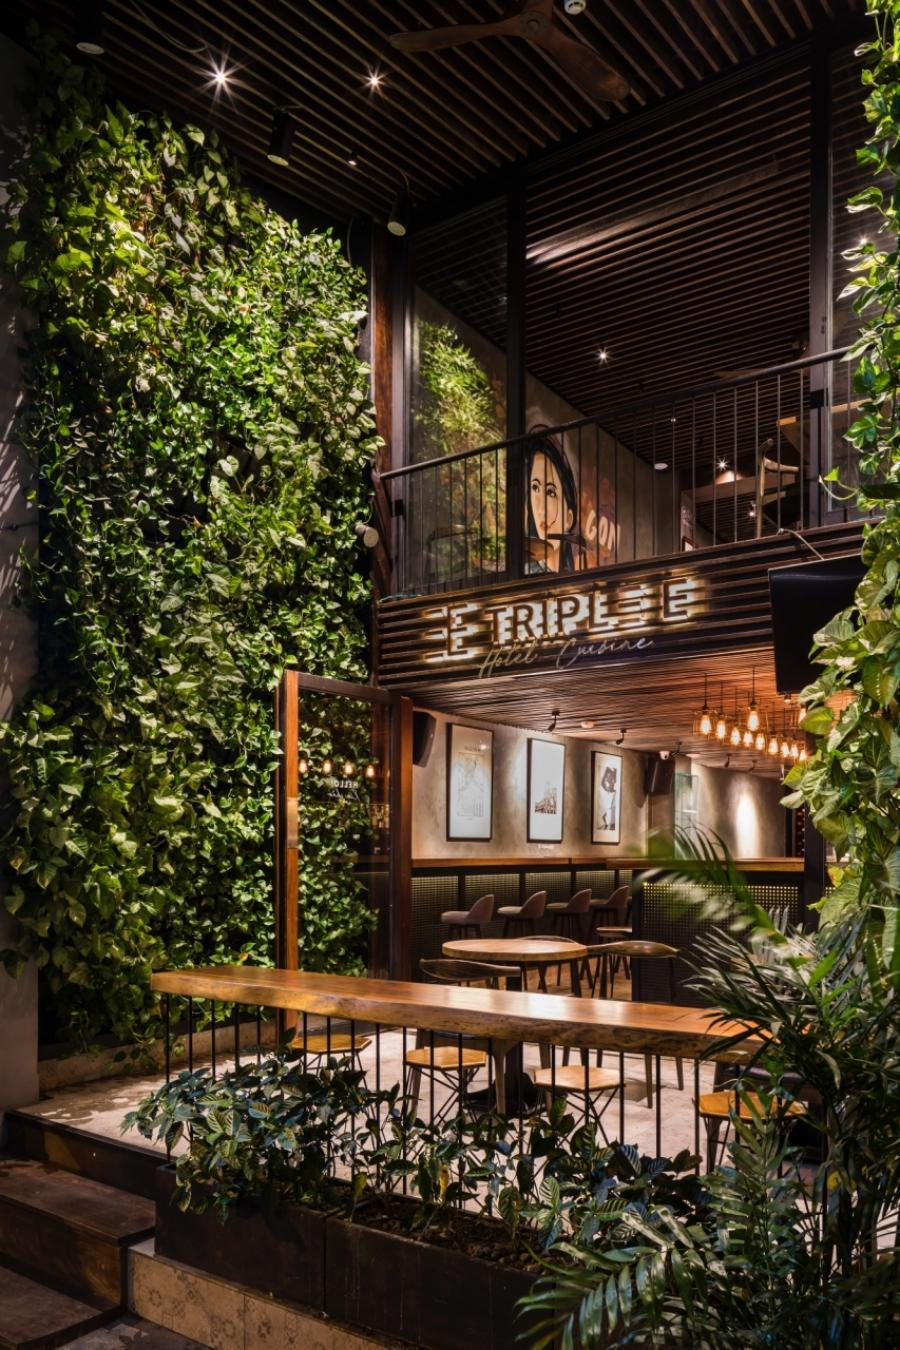 Triple E Hotel & Cuisine, Quận 1